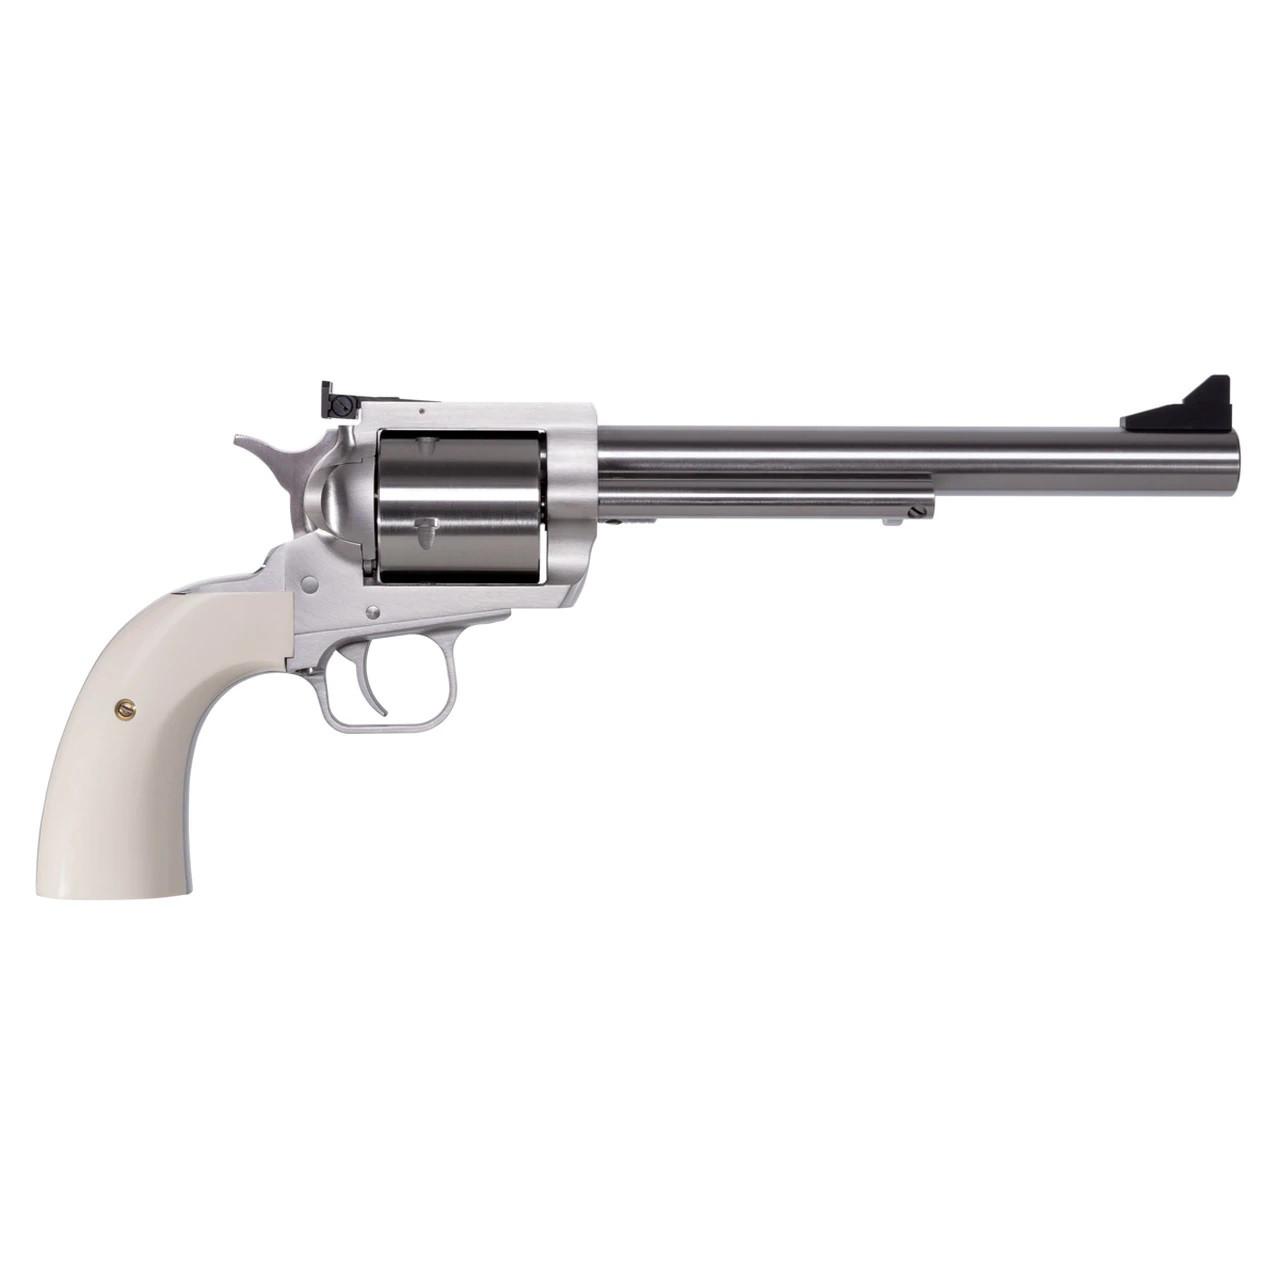 Magnum Research Bfr Revlvr 500lin Bisley 7.5